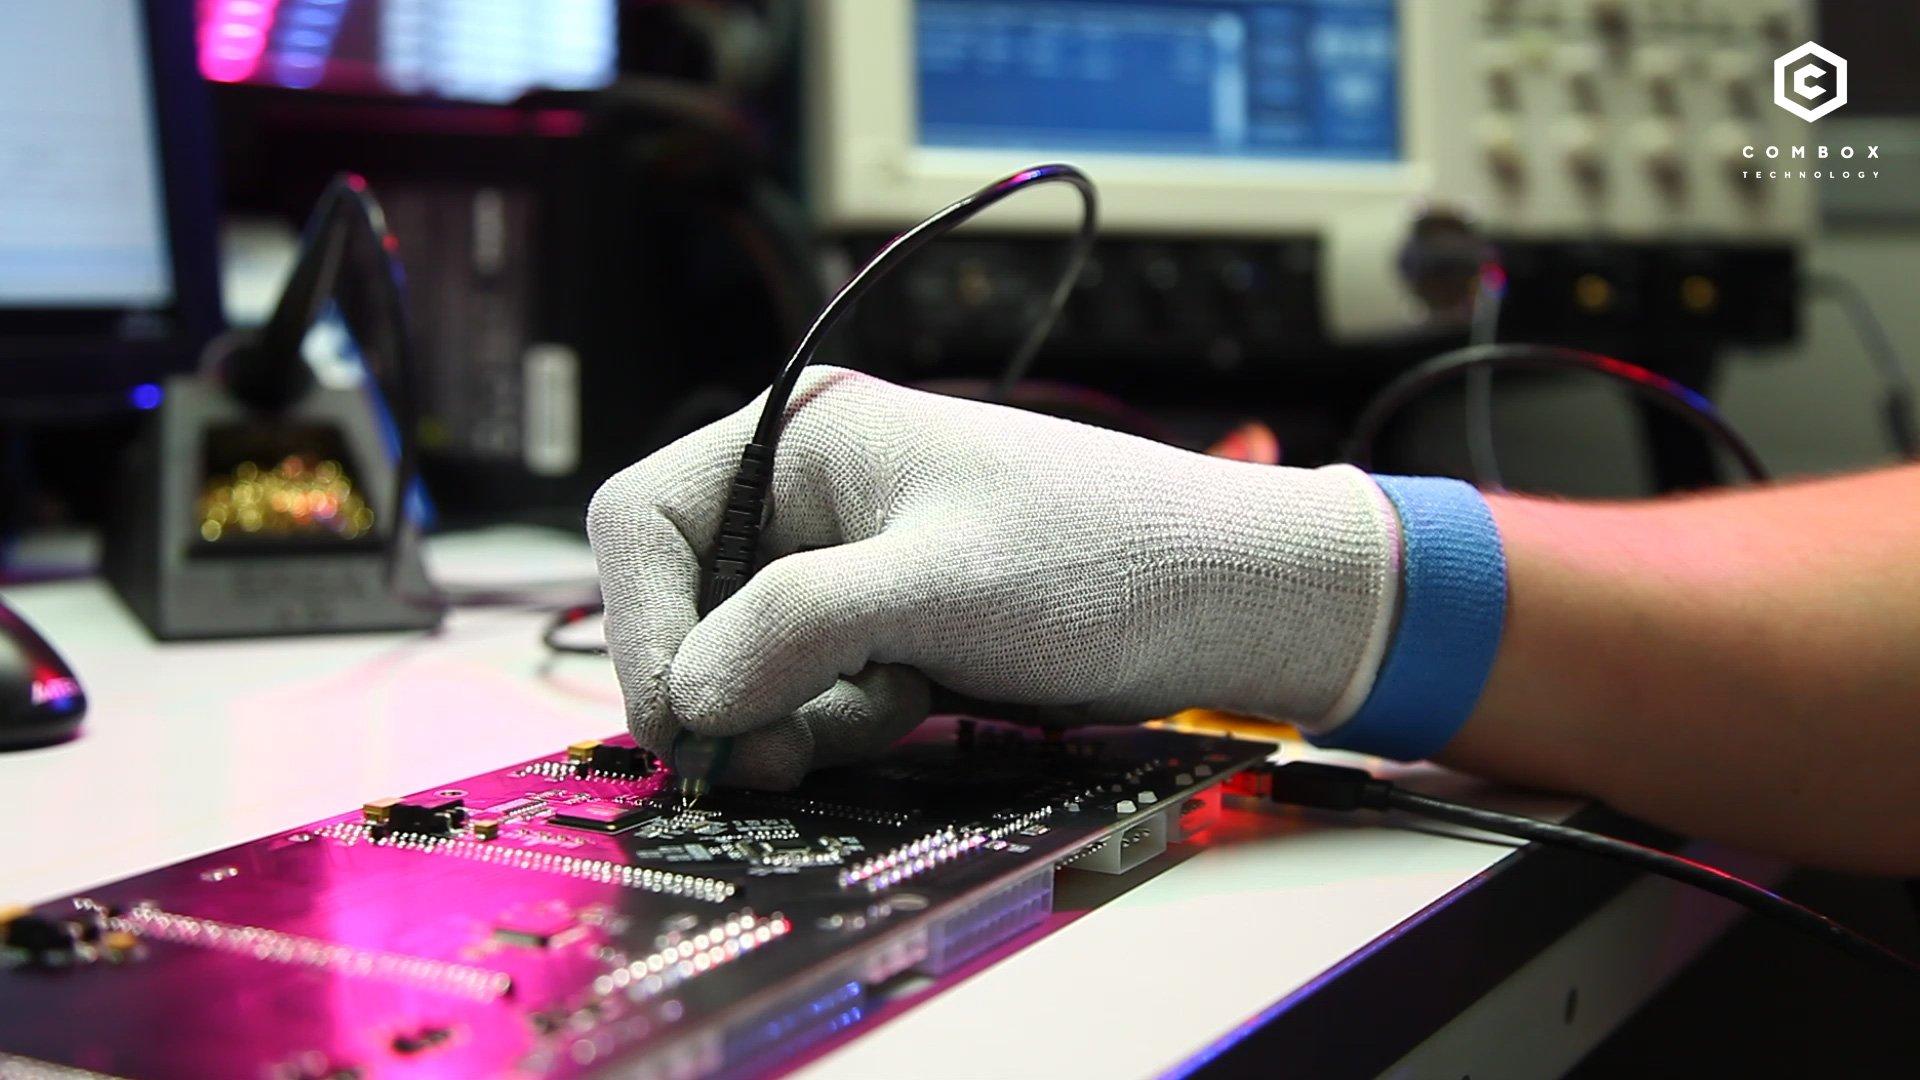 GPU-кластеры ComBox для решения наукоемких задач. Инновационные технологии, способные перевернуть мир